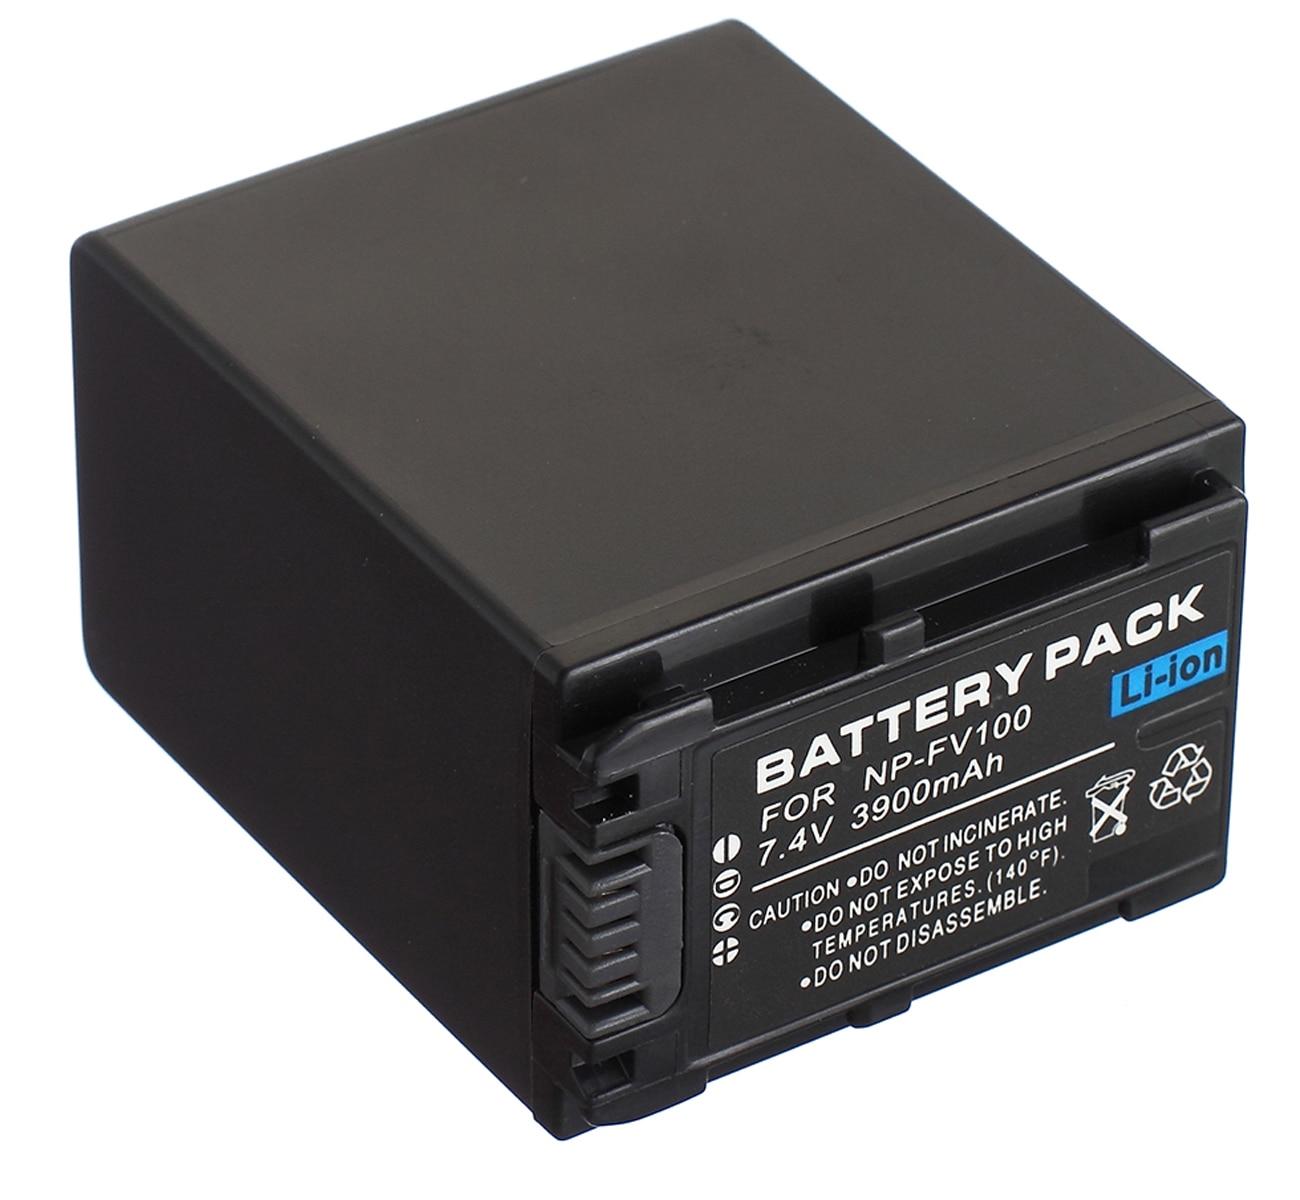 Paquete de baterías para Sony HDR-CX110E, HDR-CX115E, HDR-CX130E, HDR-CX150E, HDR-CX160E, HDR-CX170E, HDR-CX180E,...